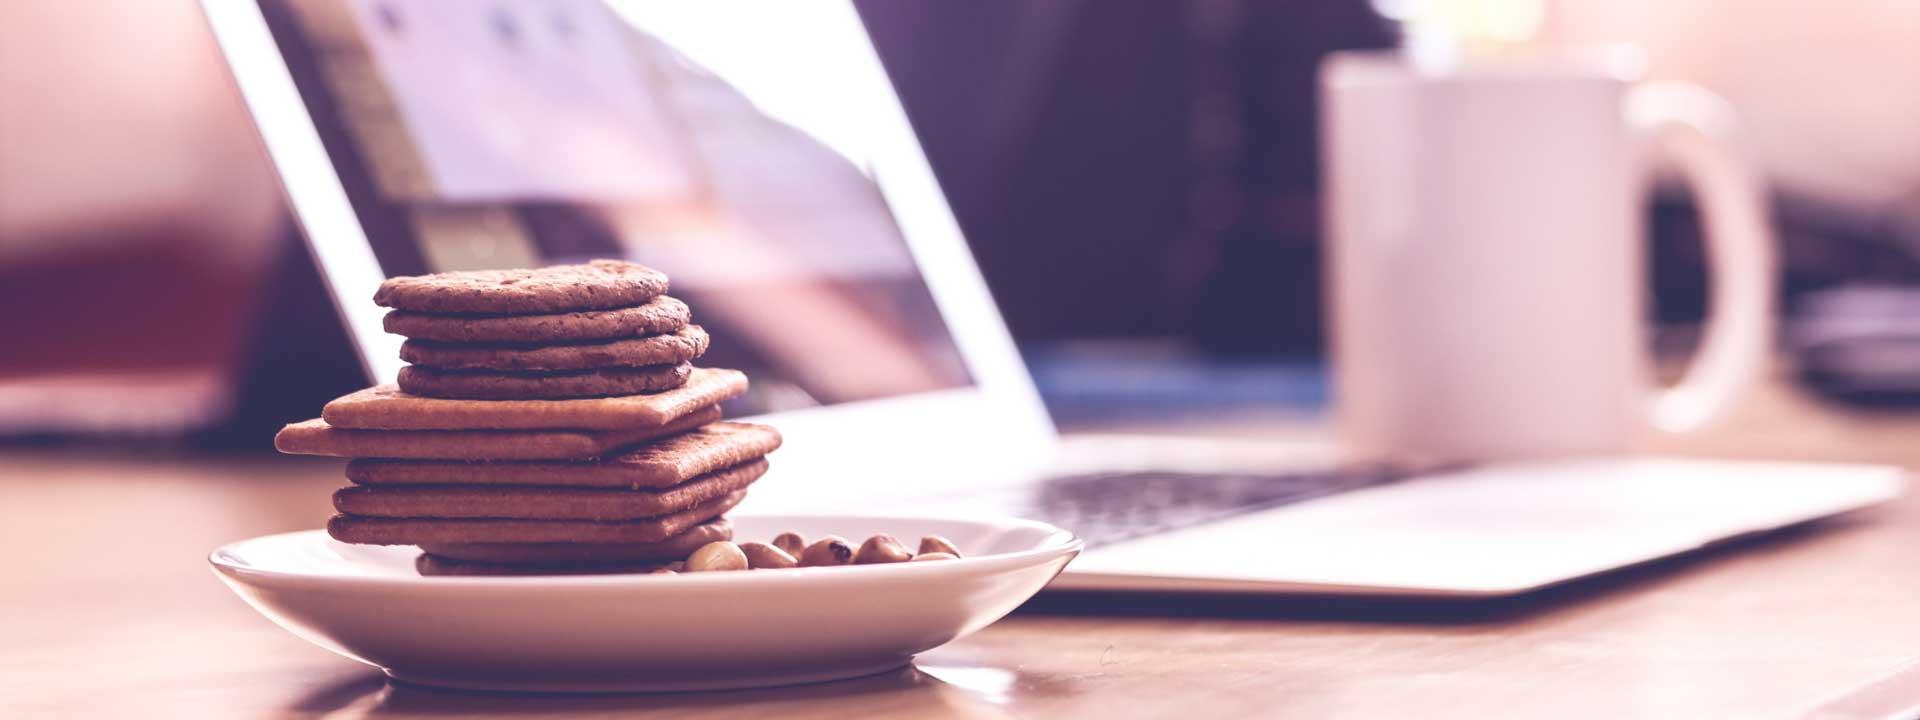 food laptop copywriter